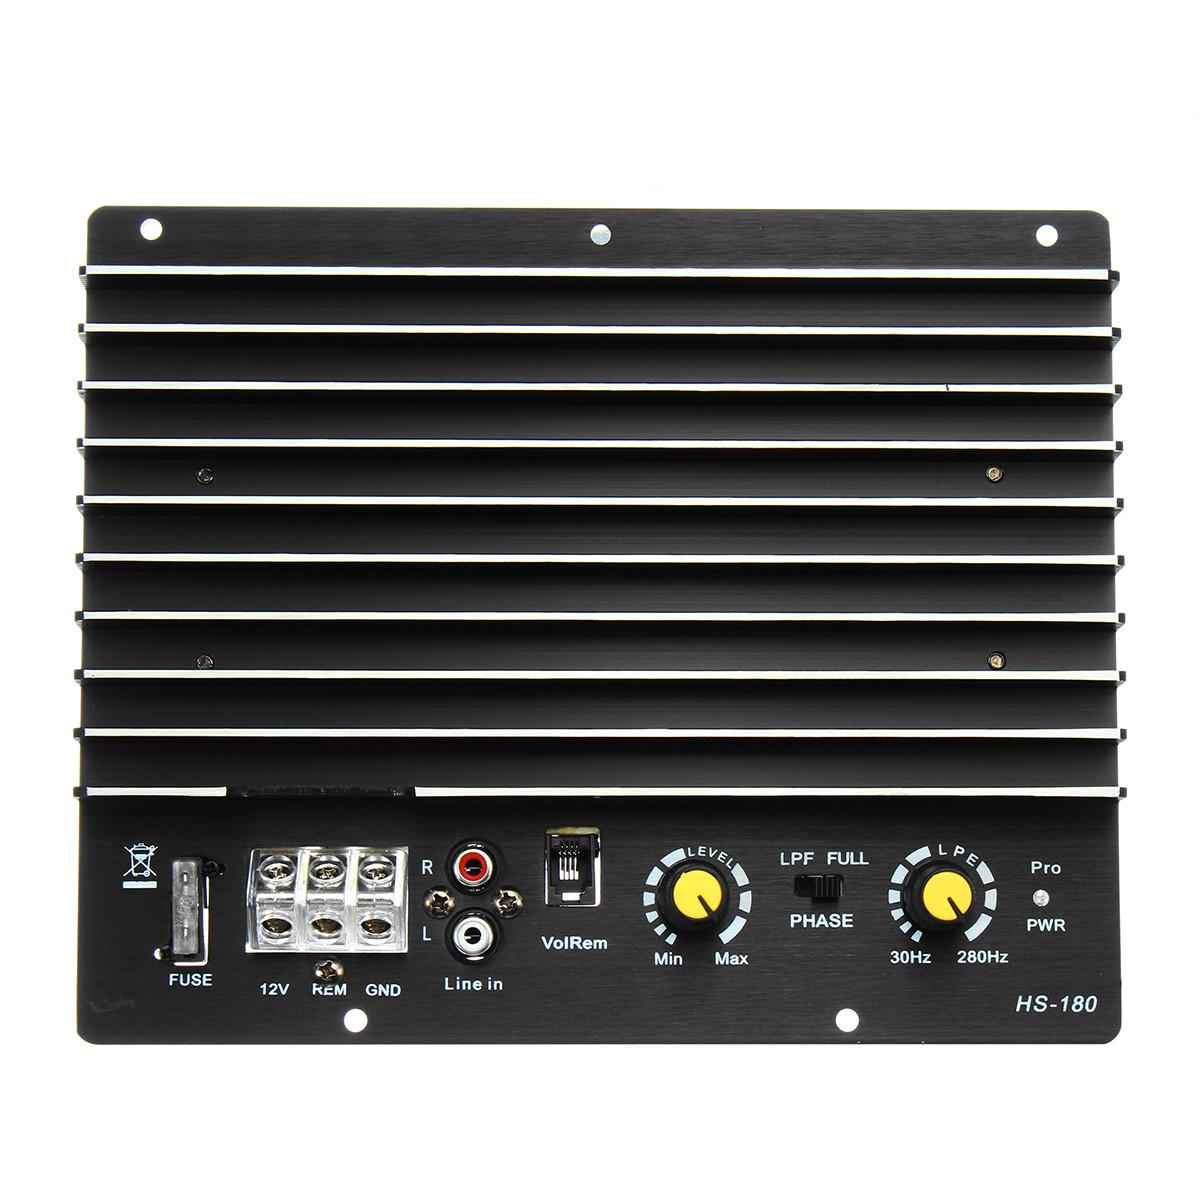 12V 1000W Авто Аудио мощность Усилитель Board Audio Player для 8/10/12 дюймов Динамик 1TopShop